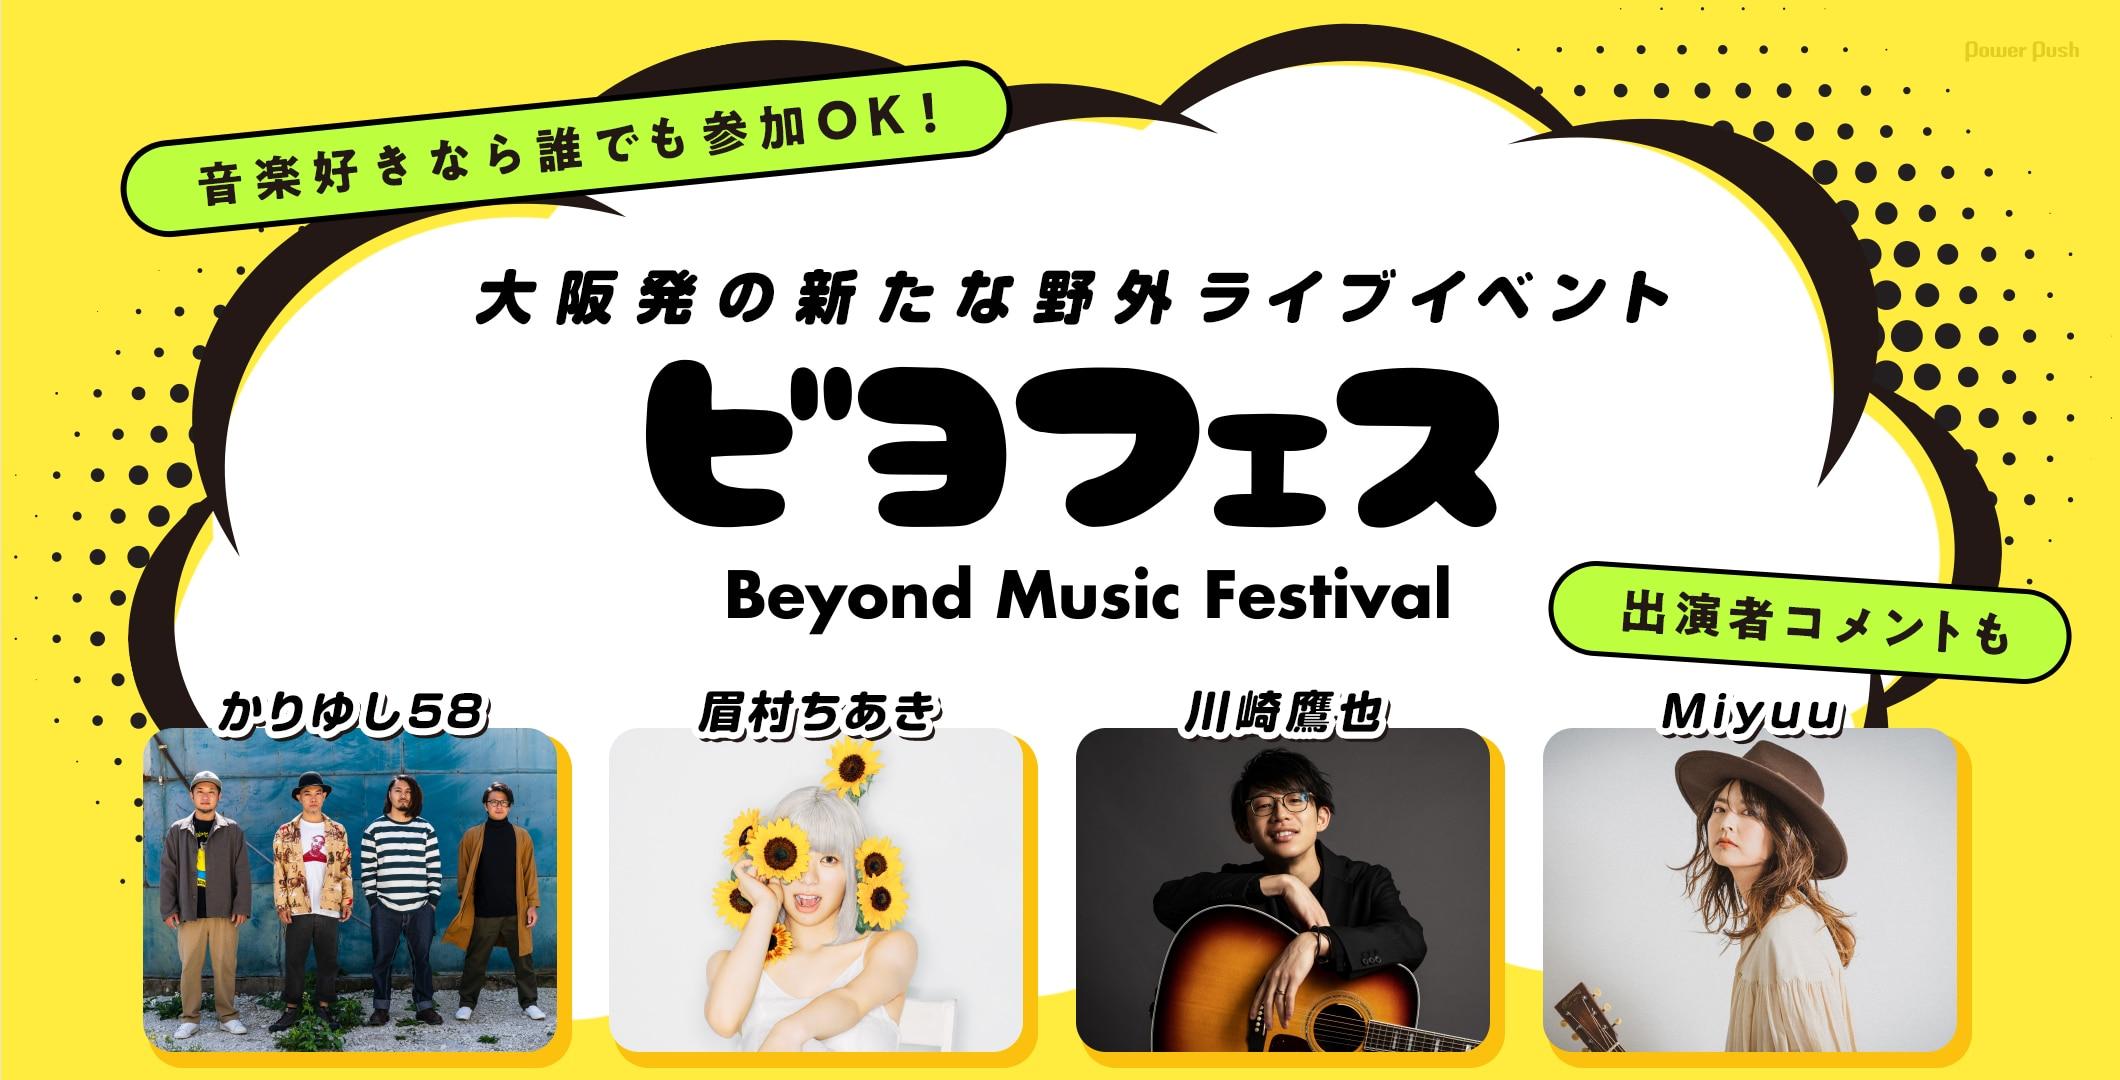 音楽好きなら誰でも参加OK!大阪発の新たな野外ライブイベント「ビヨフェス」 出演者(かりゆし58、眉村ちあき、川崎鷹也、Miyuu)コメントも